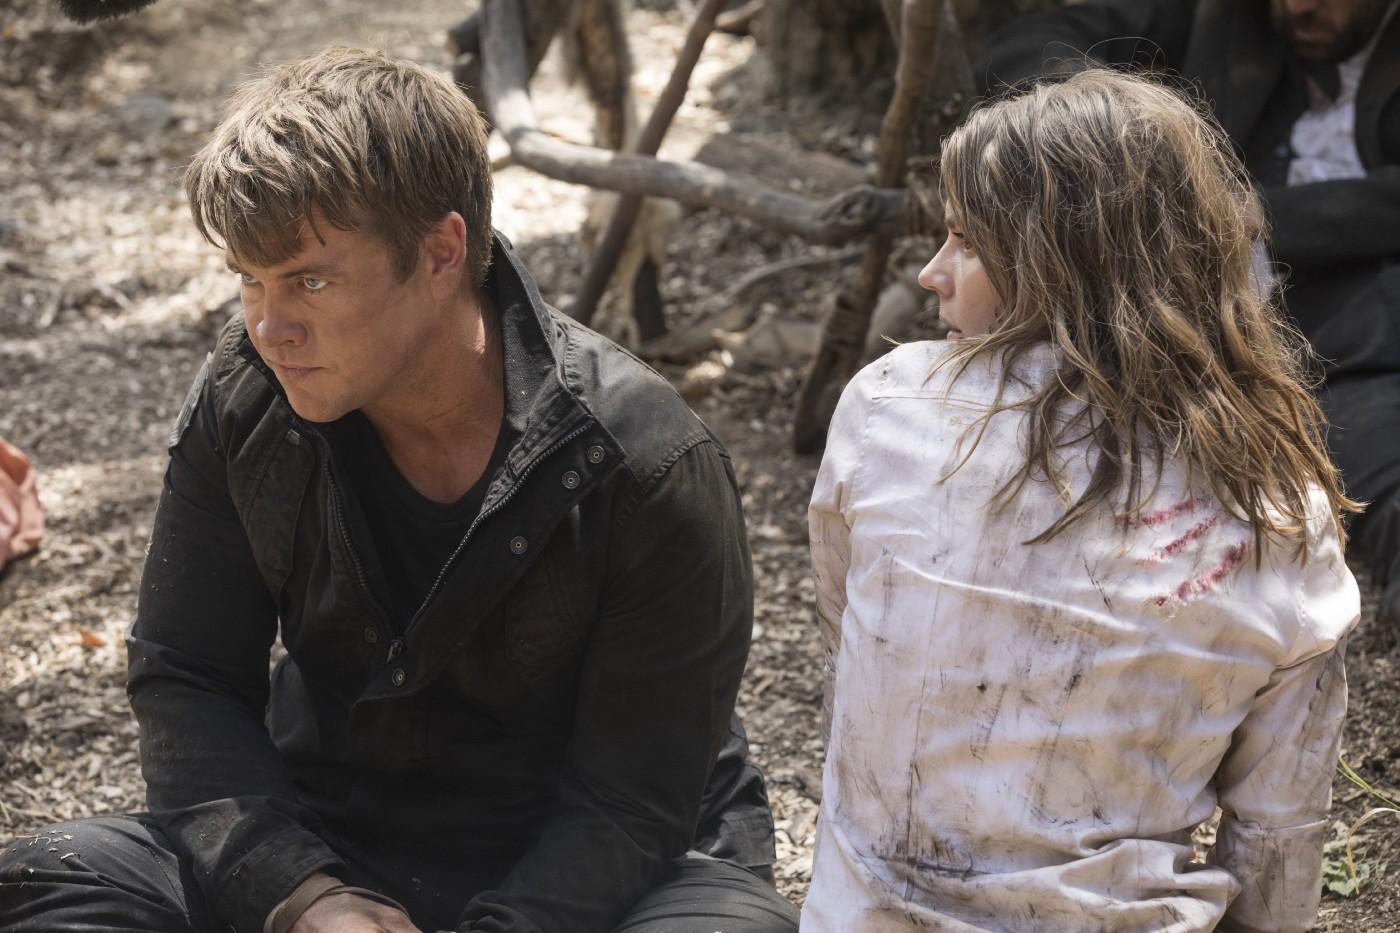 Ashley and Emily, held captive.jpeg